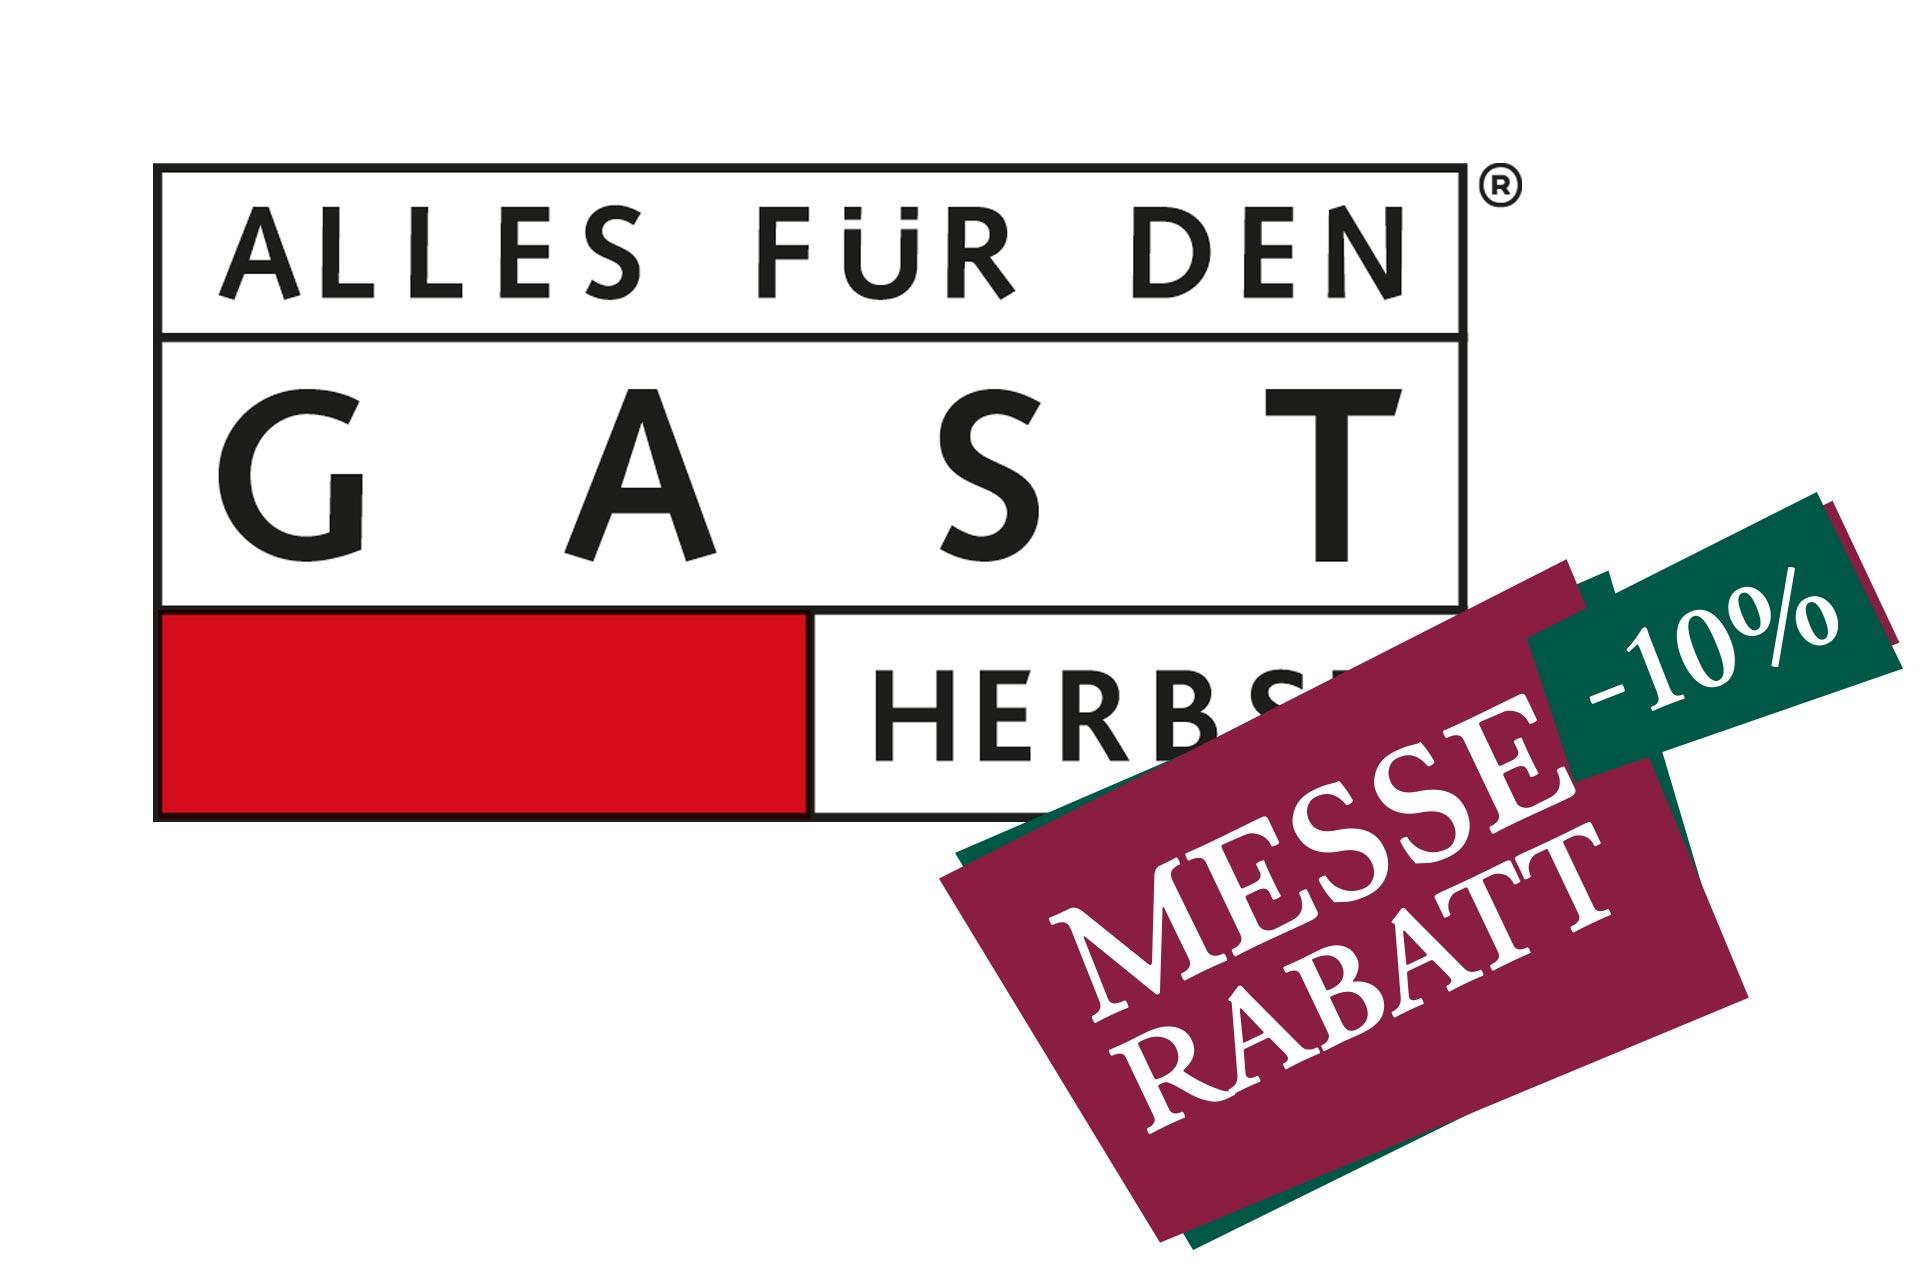 Jetzt Messeangebot im Sauerweingut in Salzburg sichern.